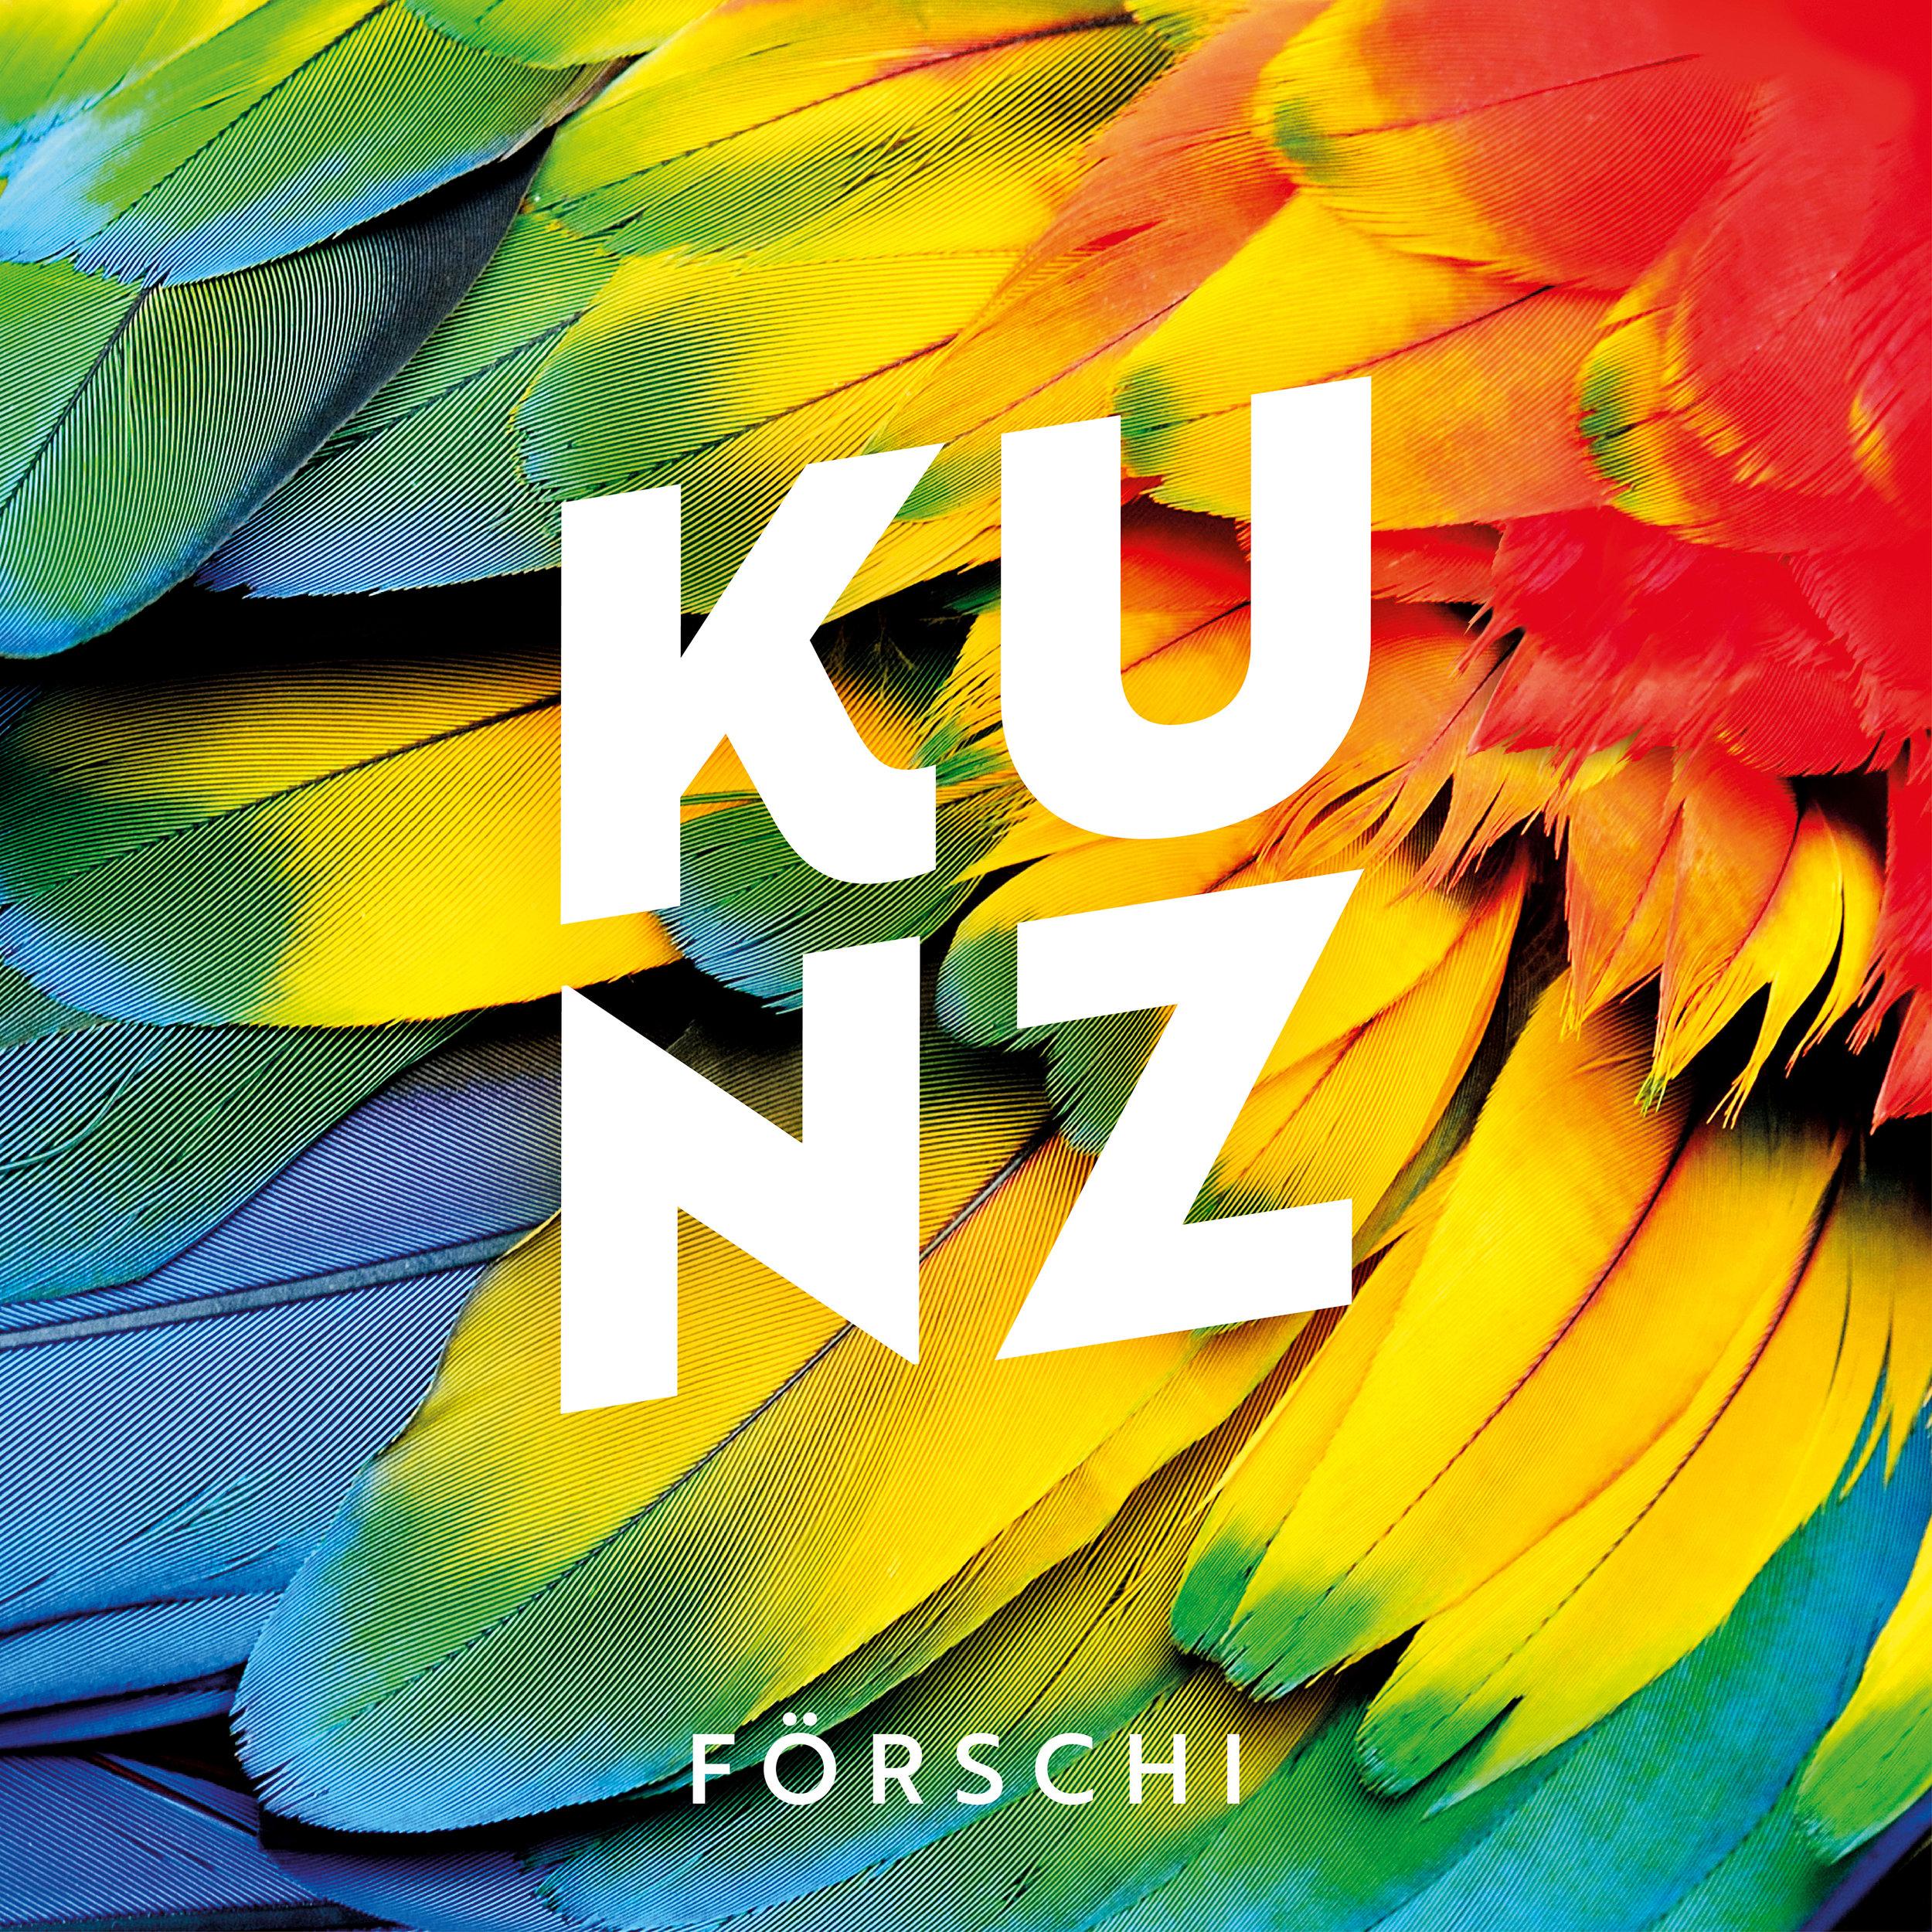 KUNZ_Förschi.jpg